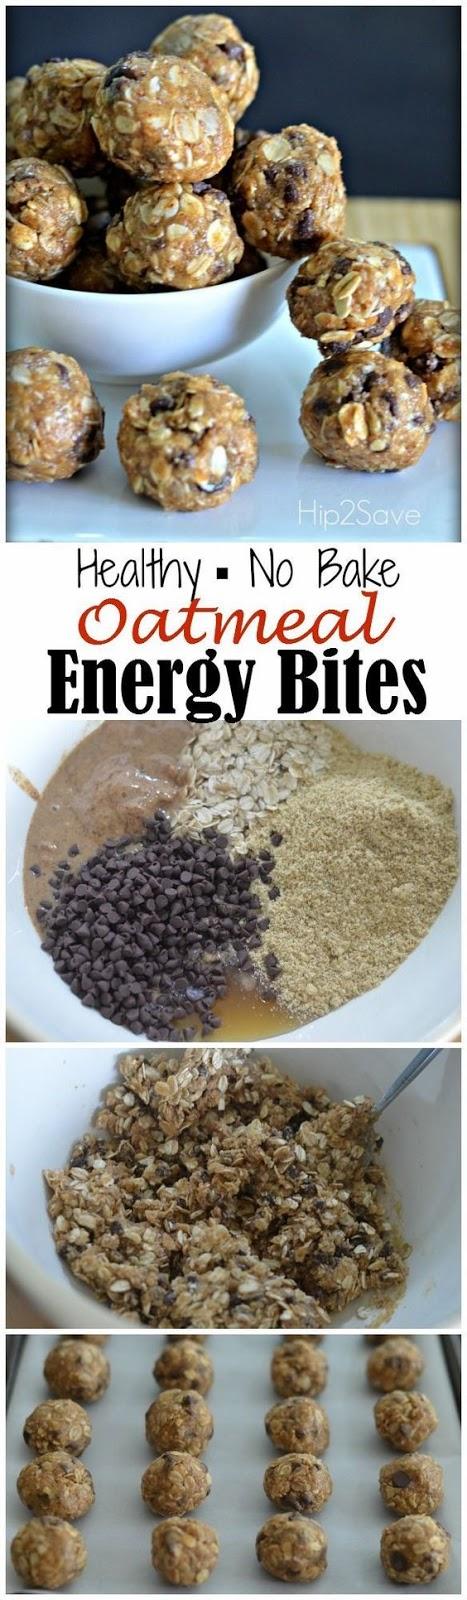 Oatmeal Energy Bítes